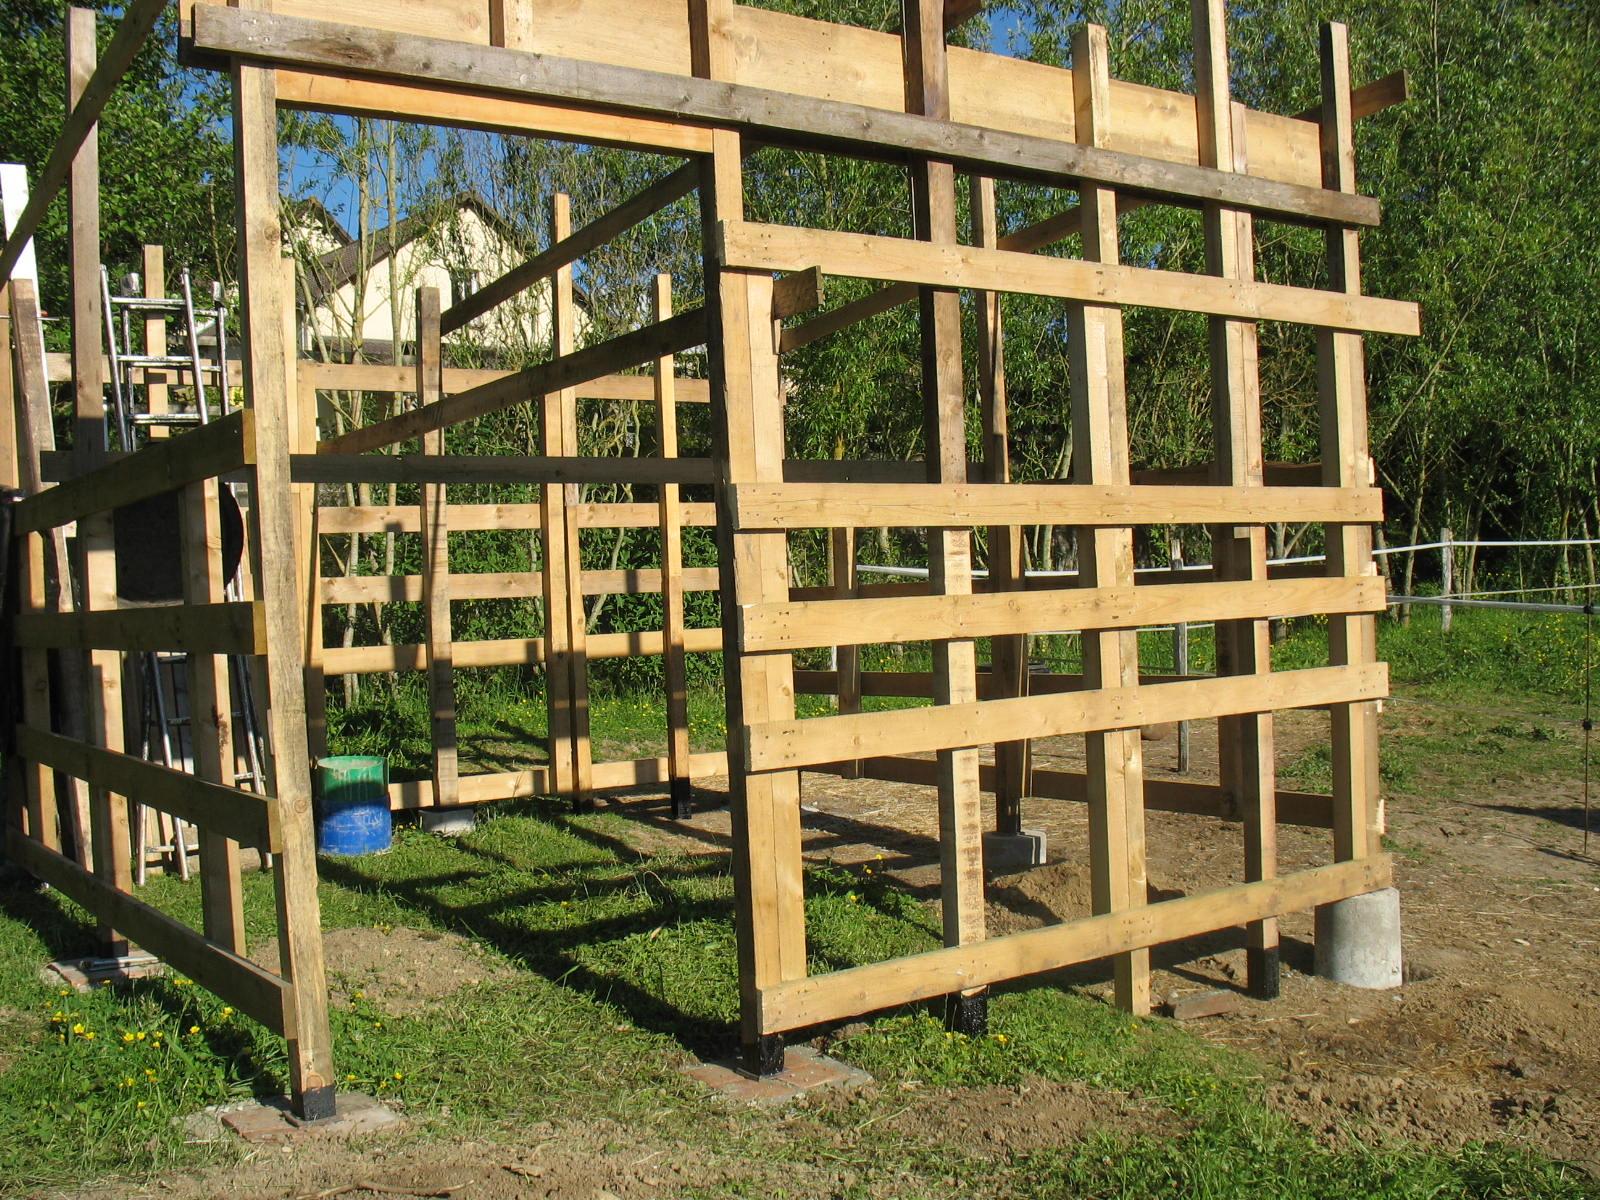 l 39 auto construction avec le bois de palettes de r cup ration l vation des murs doc n 3. Black Bedroom Furniture Sets. Home Design Ideas